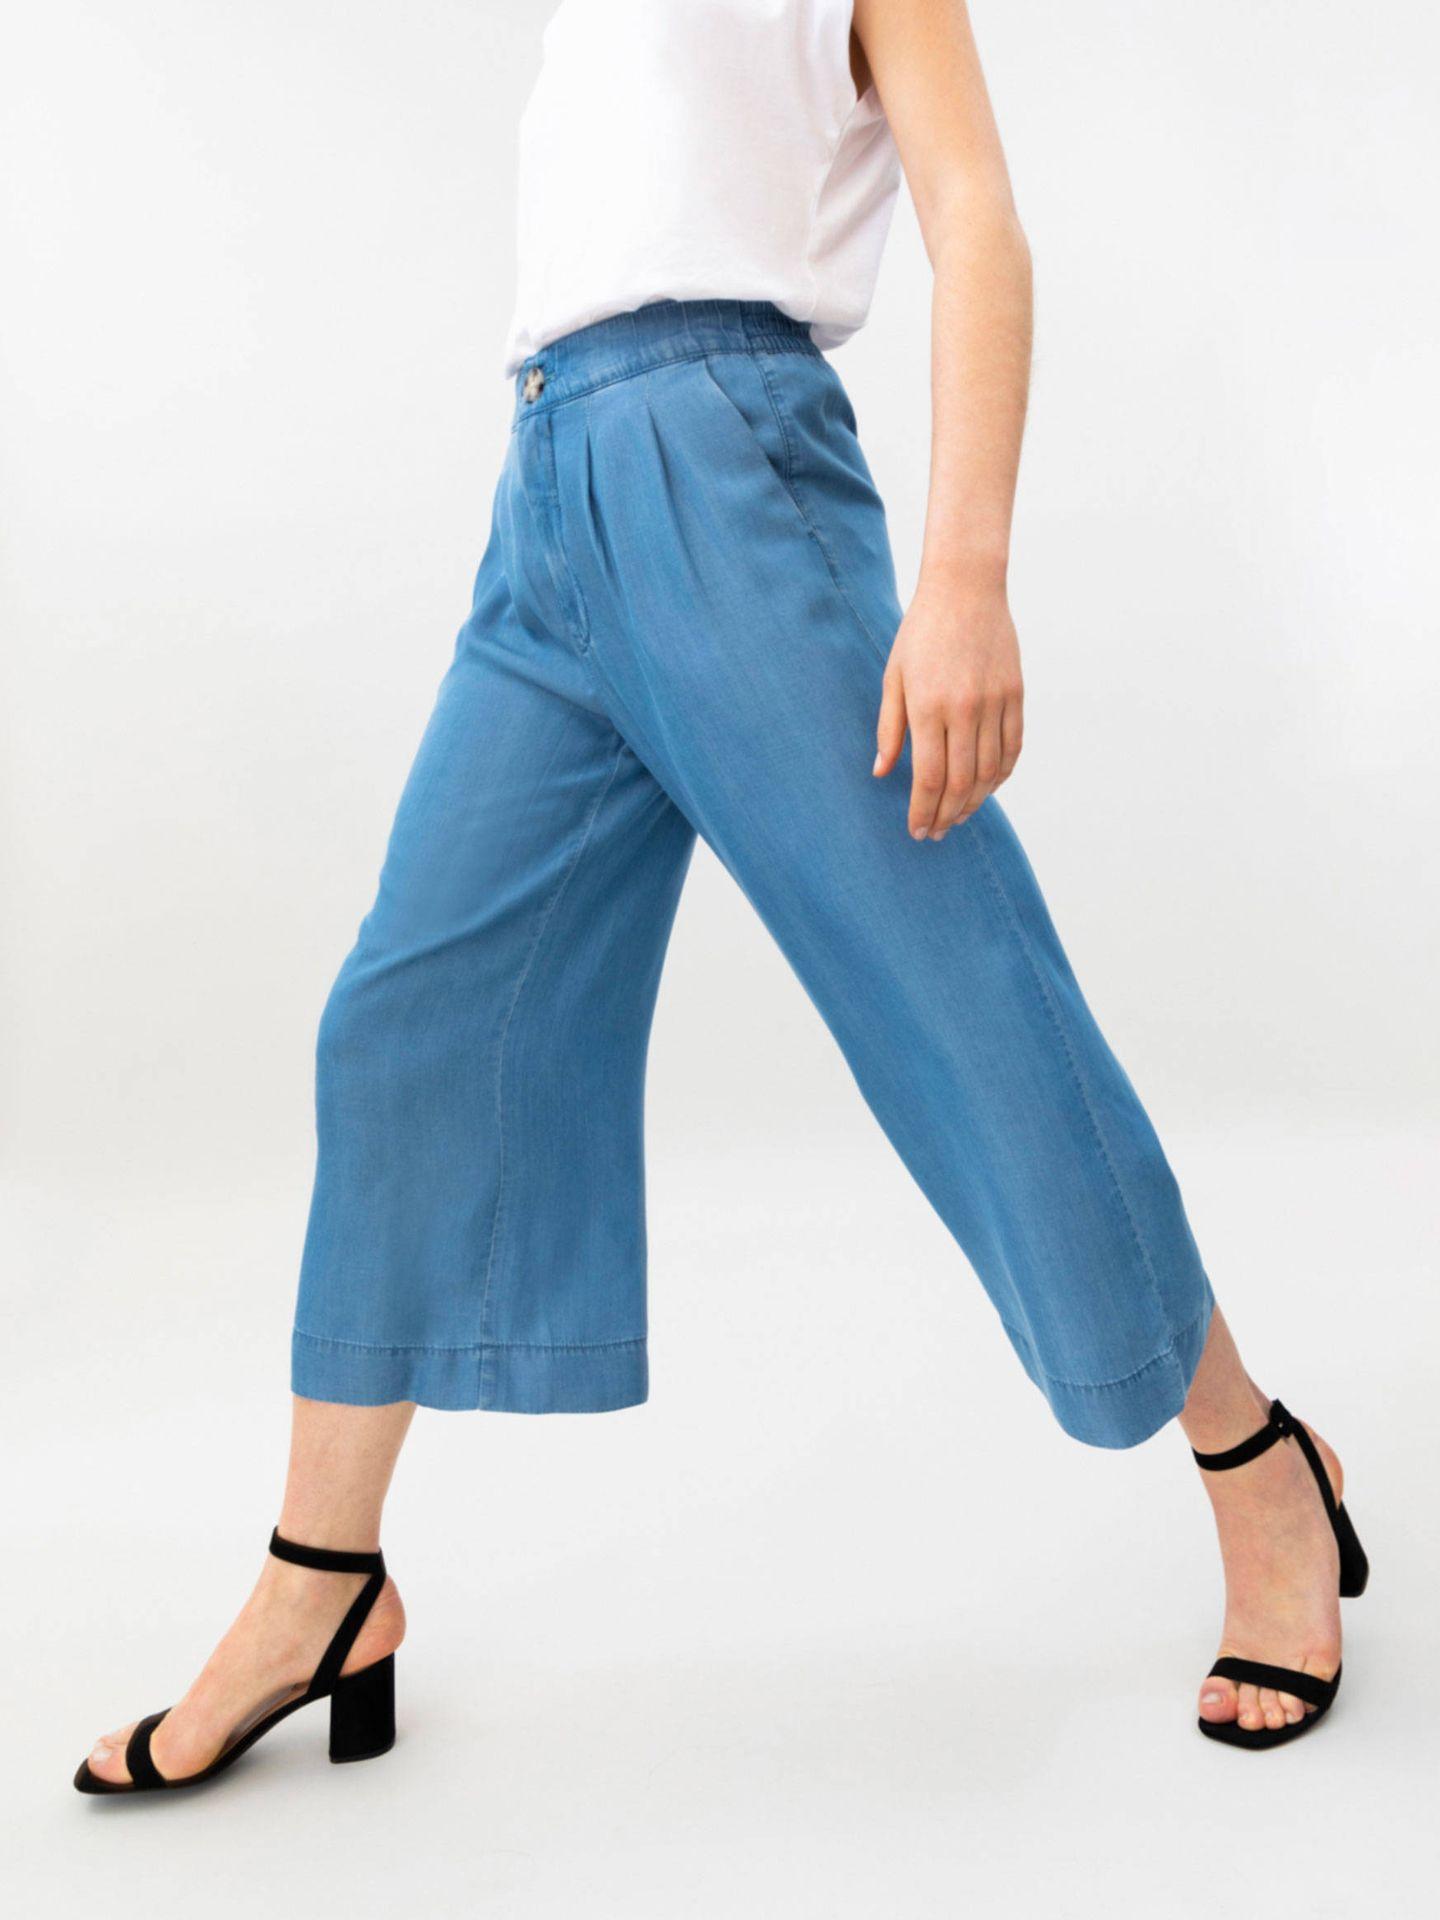 Pantalones vaqueros culotte de Lefties. (Cortesía)